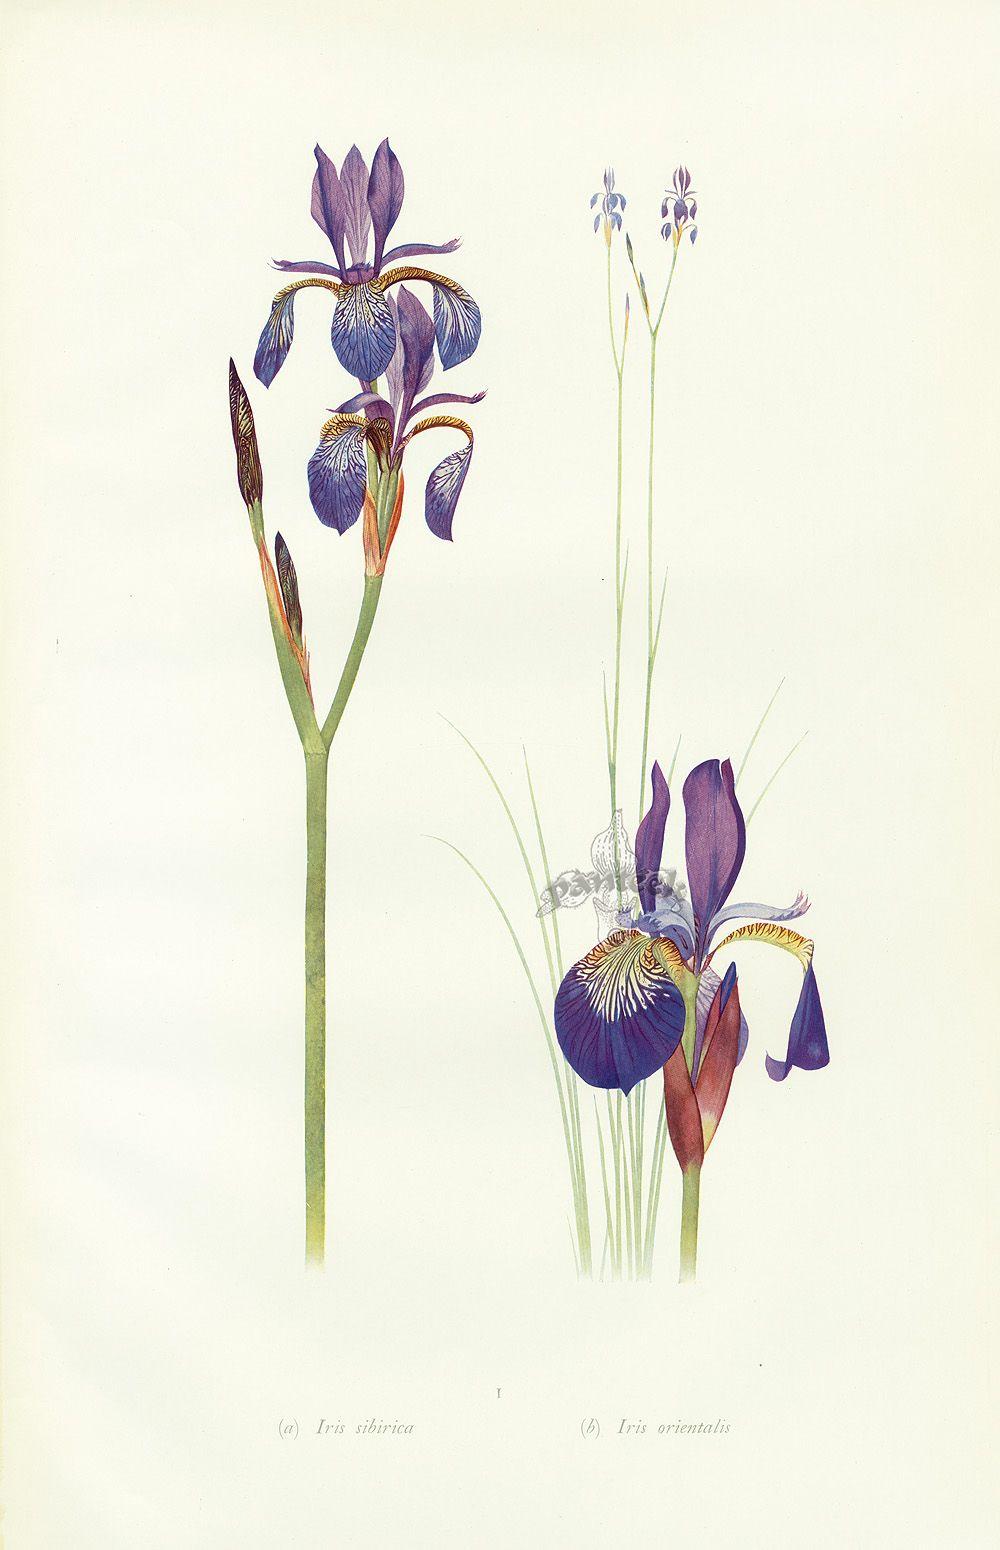 Iris sibirica, Iris orientalis